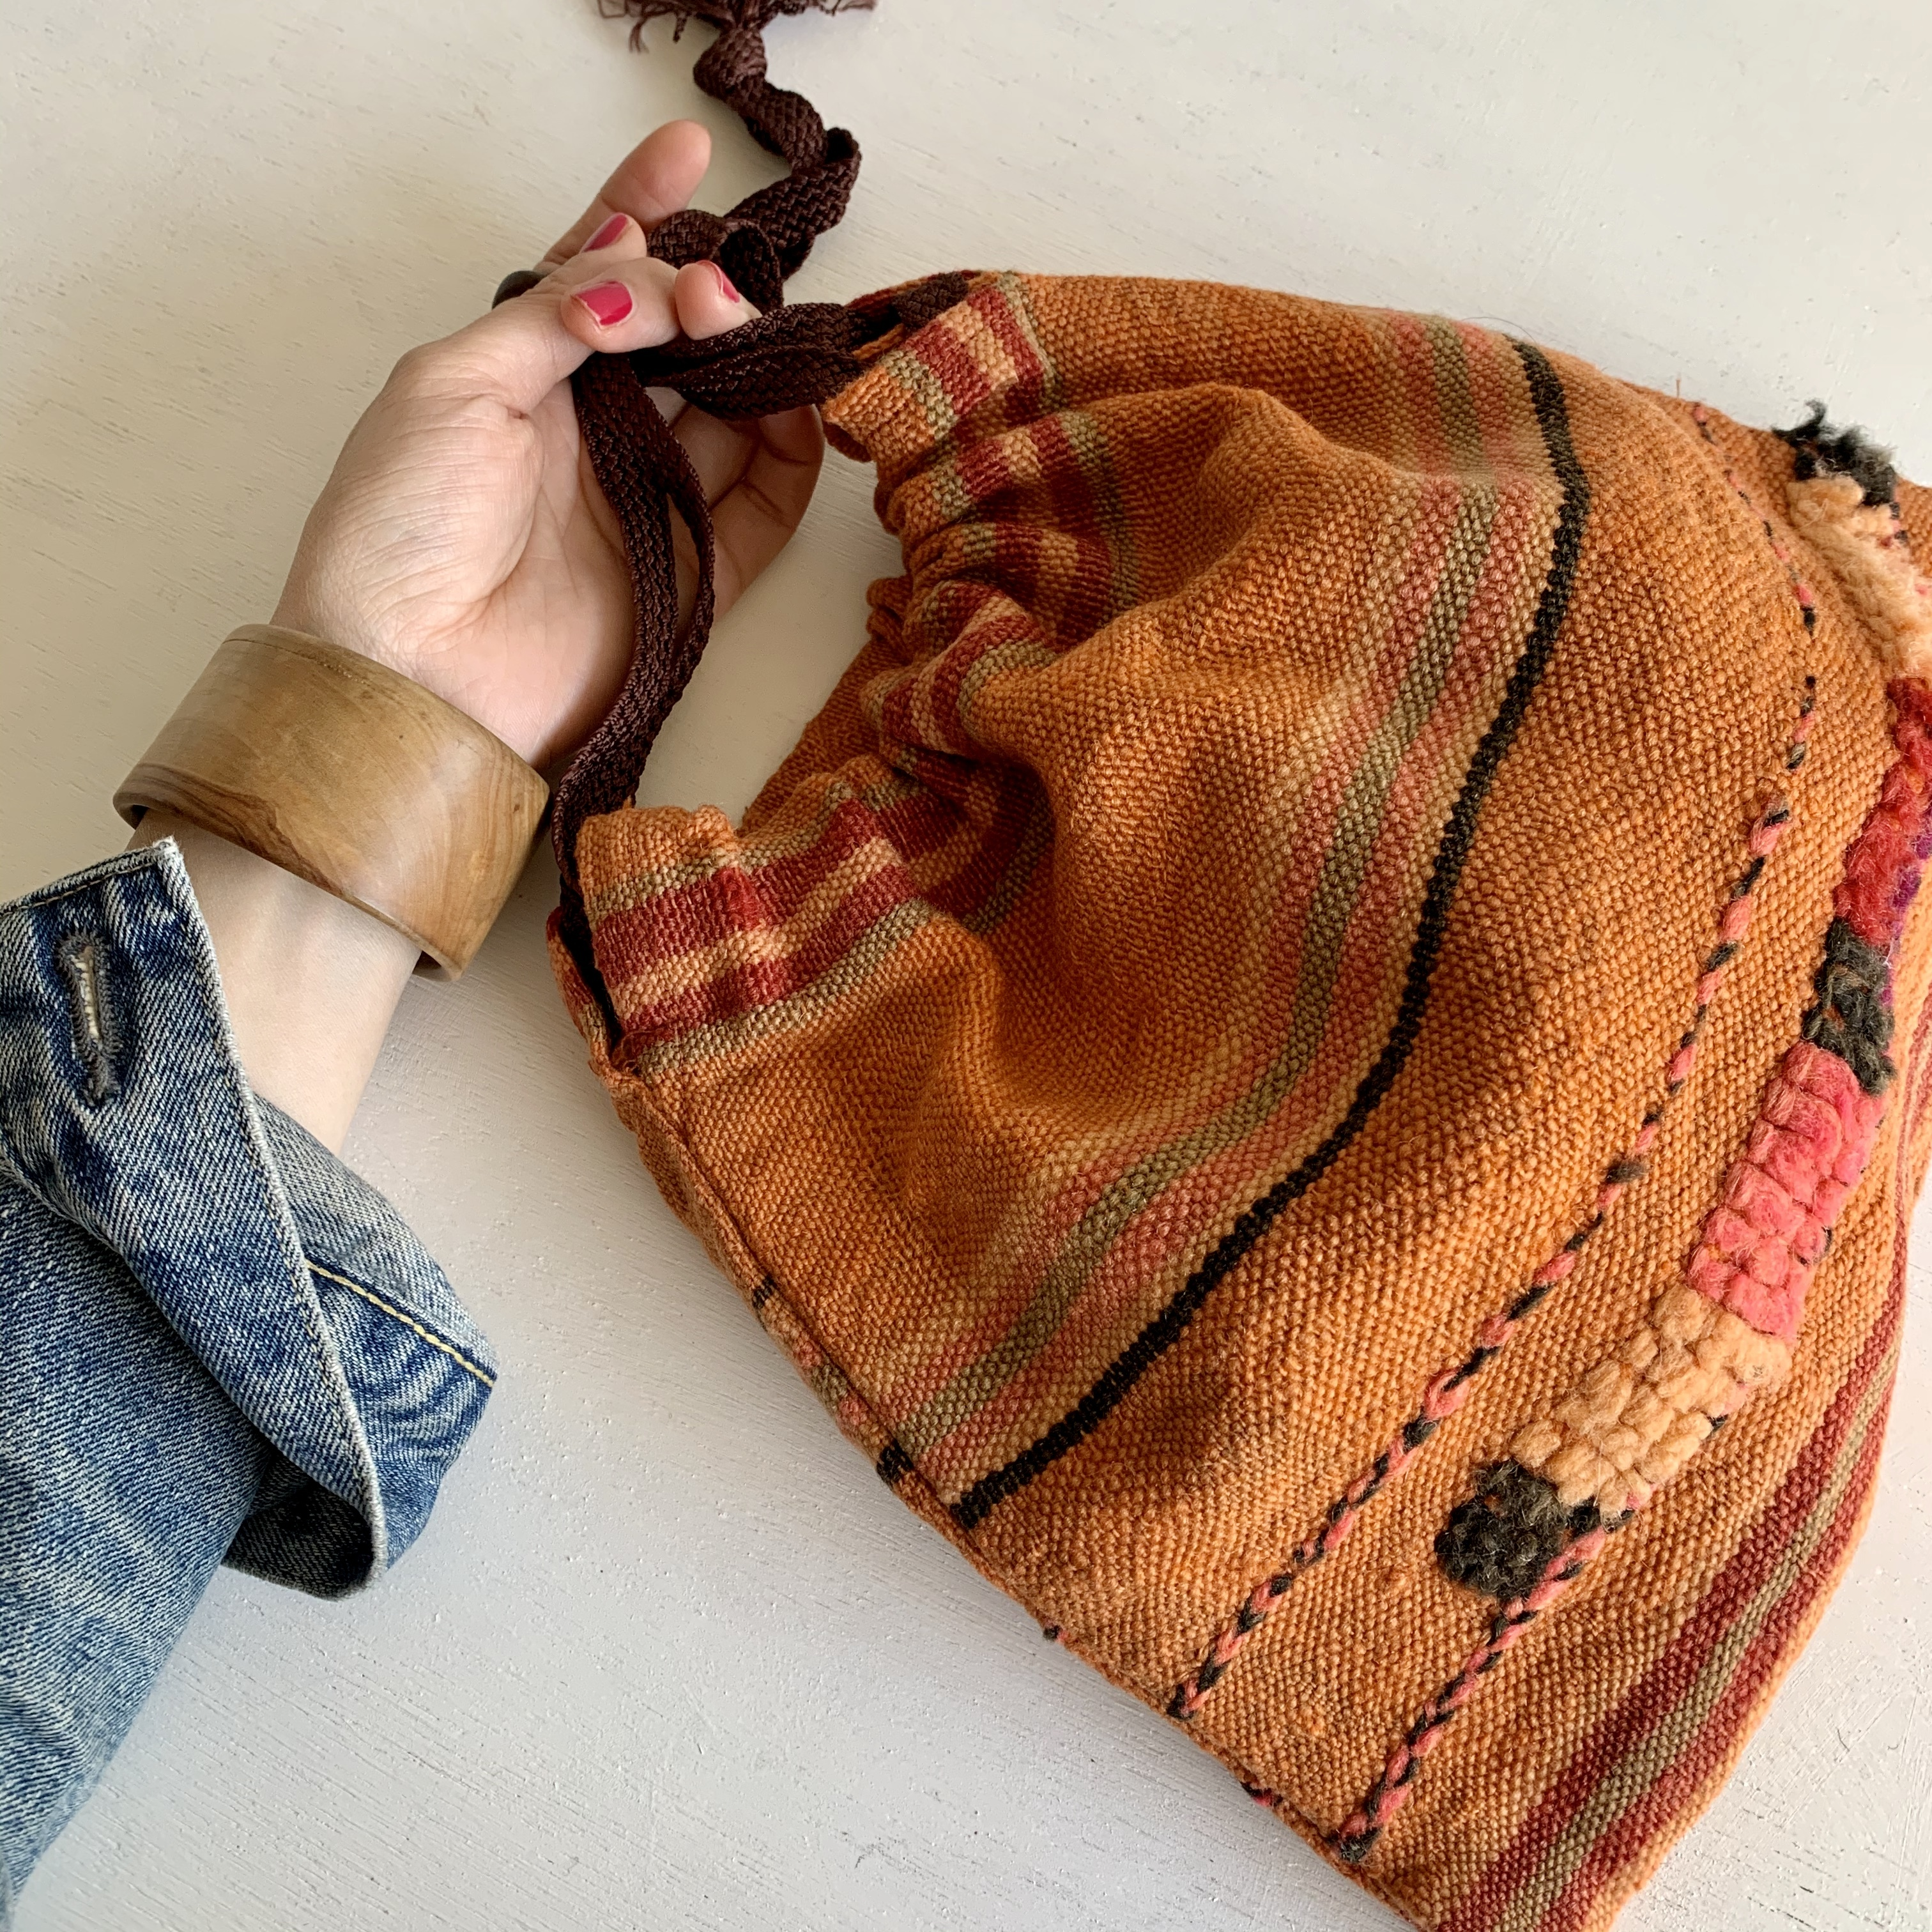 オールドファブリックの巾着バッグ オレンジ